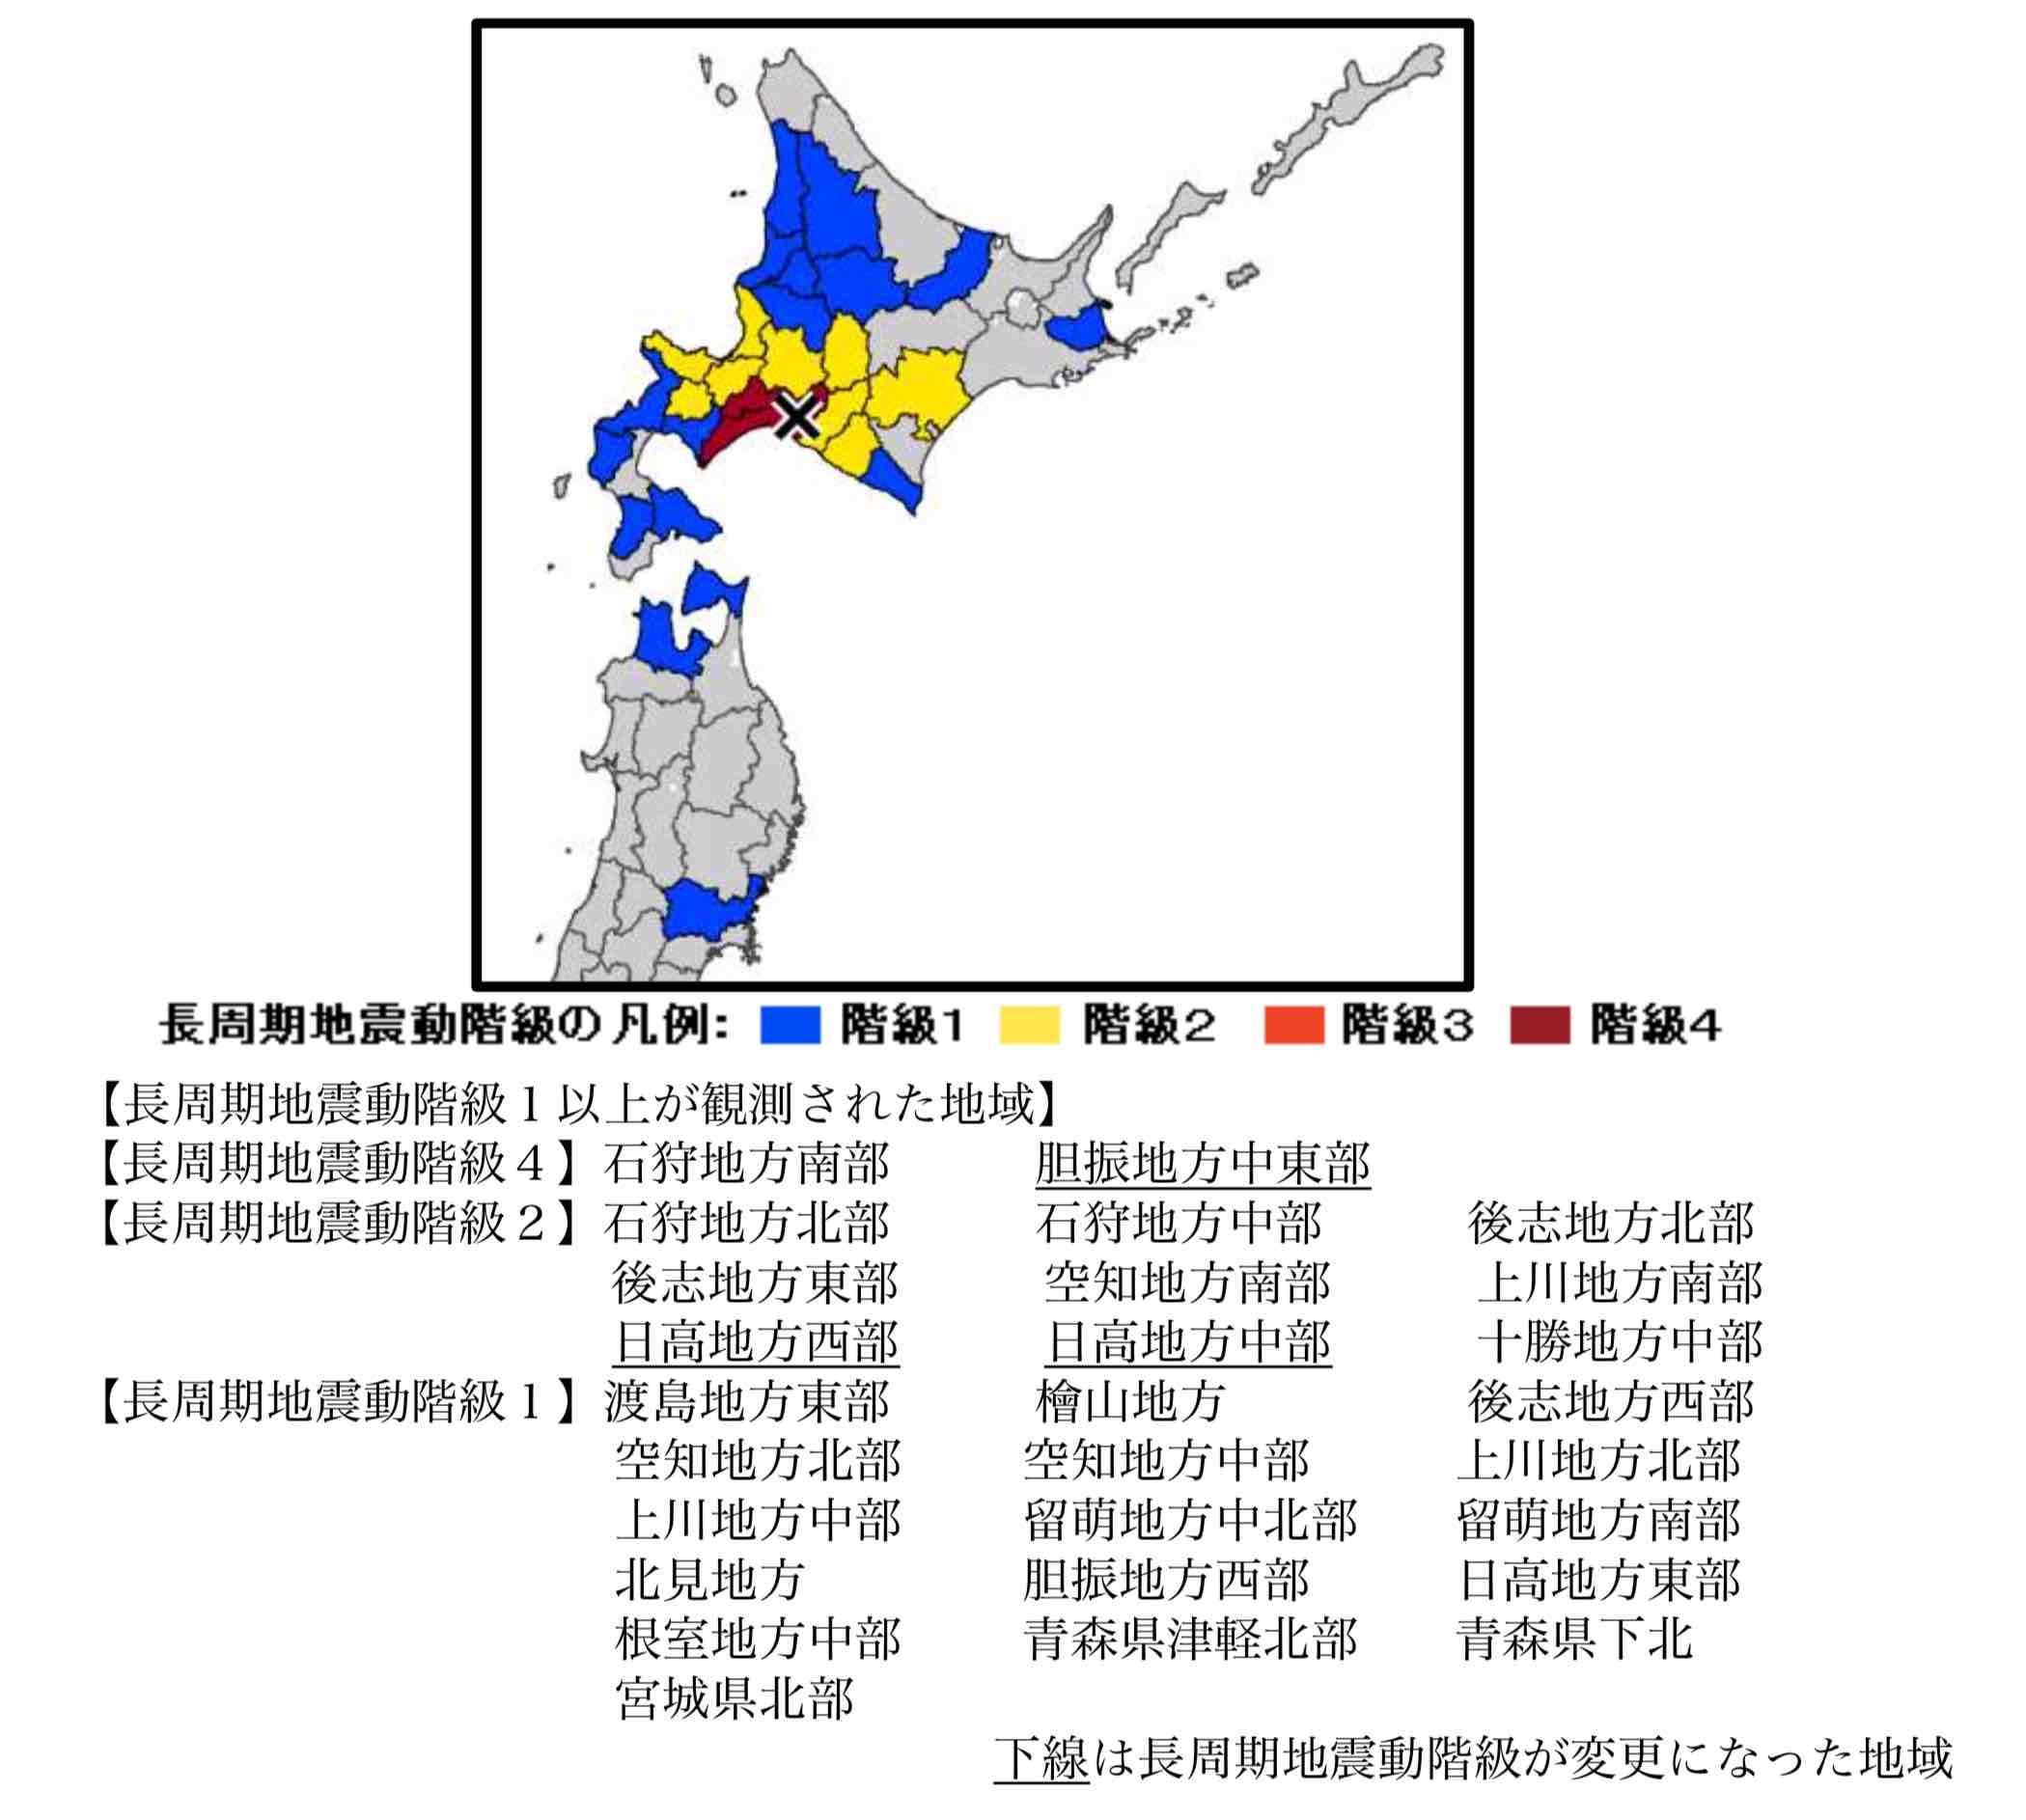 気象庁地発表 平成30年北海道胆振東部地震について 概要と活動状況 発災後の震度1以上地震は165回